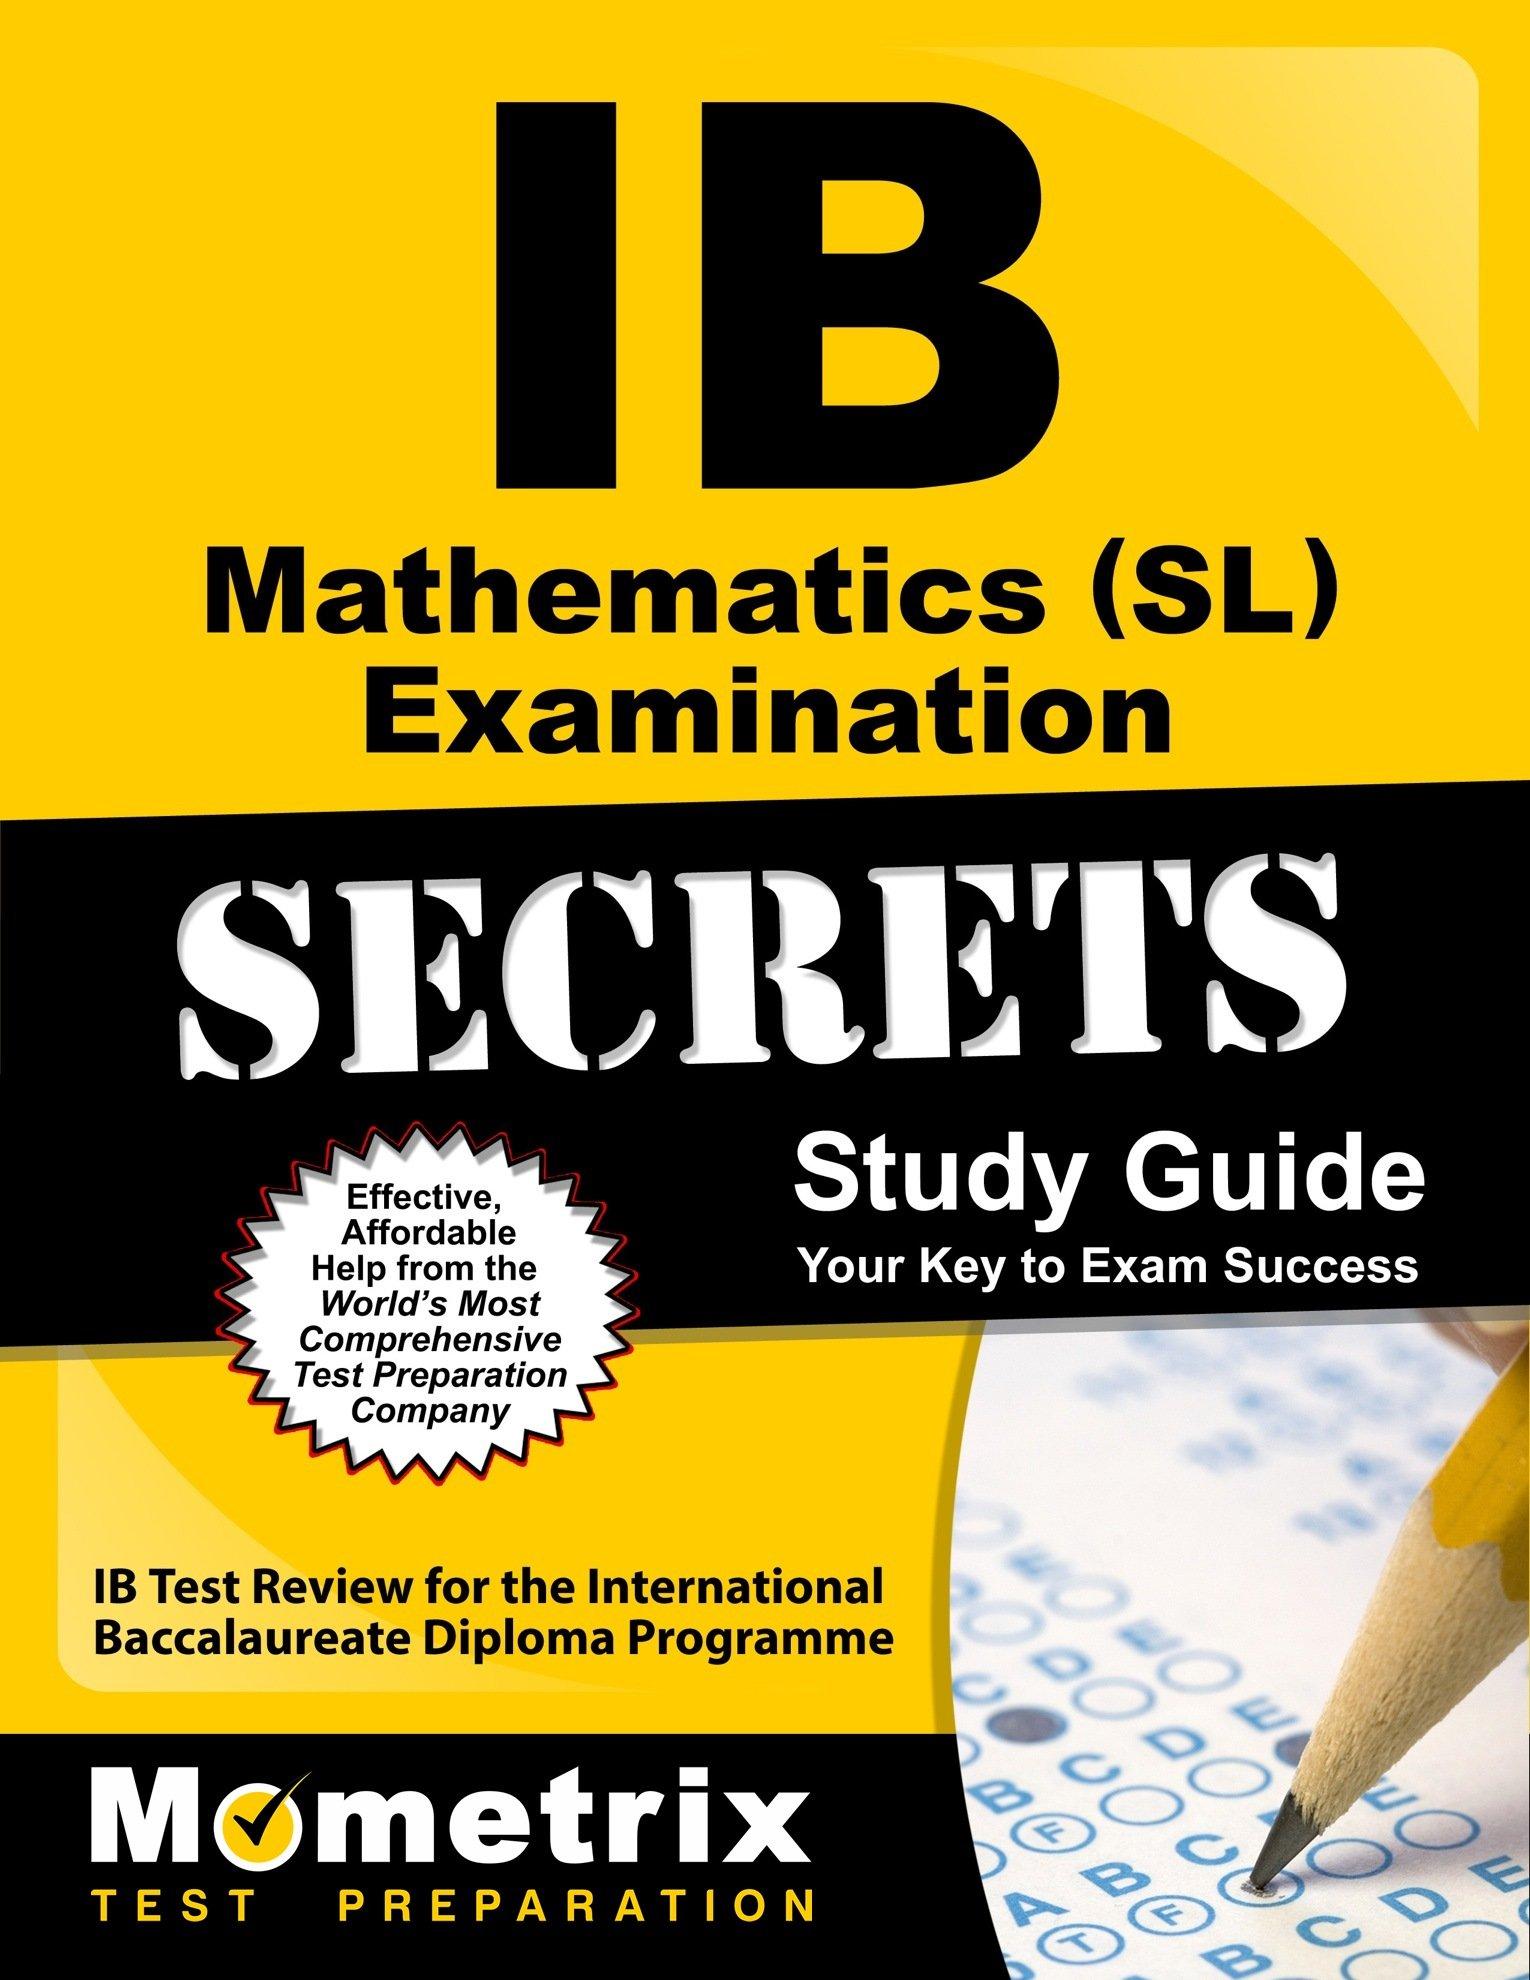 IB Mathematics (SL) Examination Secrets Study Guide: IB Test Review